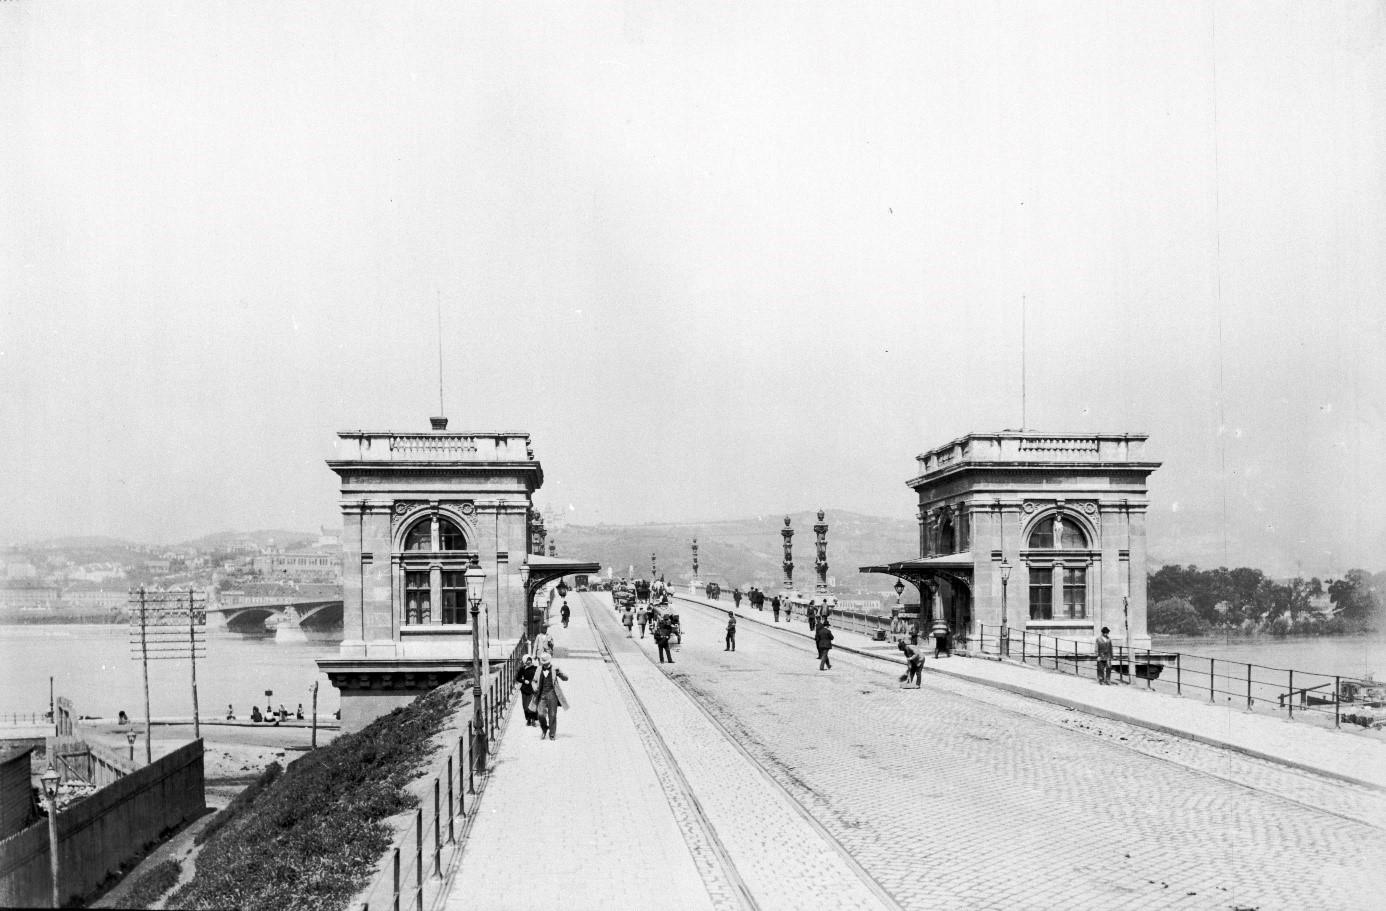 Az új híd, az 1876-ban megépült Margot híd már állami beruházásként épült meg. Ennek ellenére itt is fizetni kellett az áthaladásért, 1918 végéig. Magyar Műszaki és Közlekedési Múzeum, Történeti Fényképek Gyűjteménye, MMKM TFGY 18006